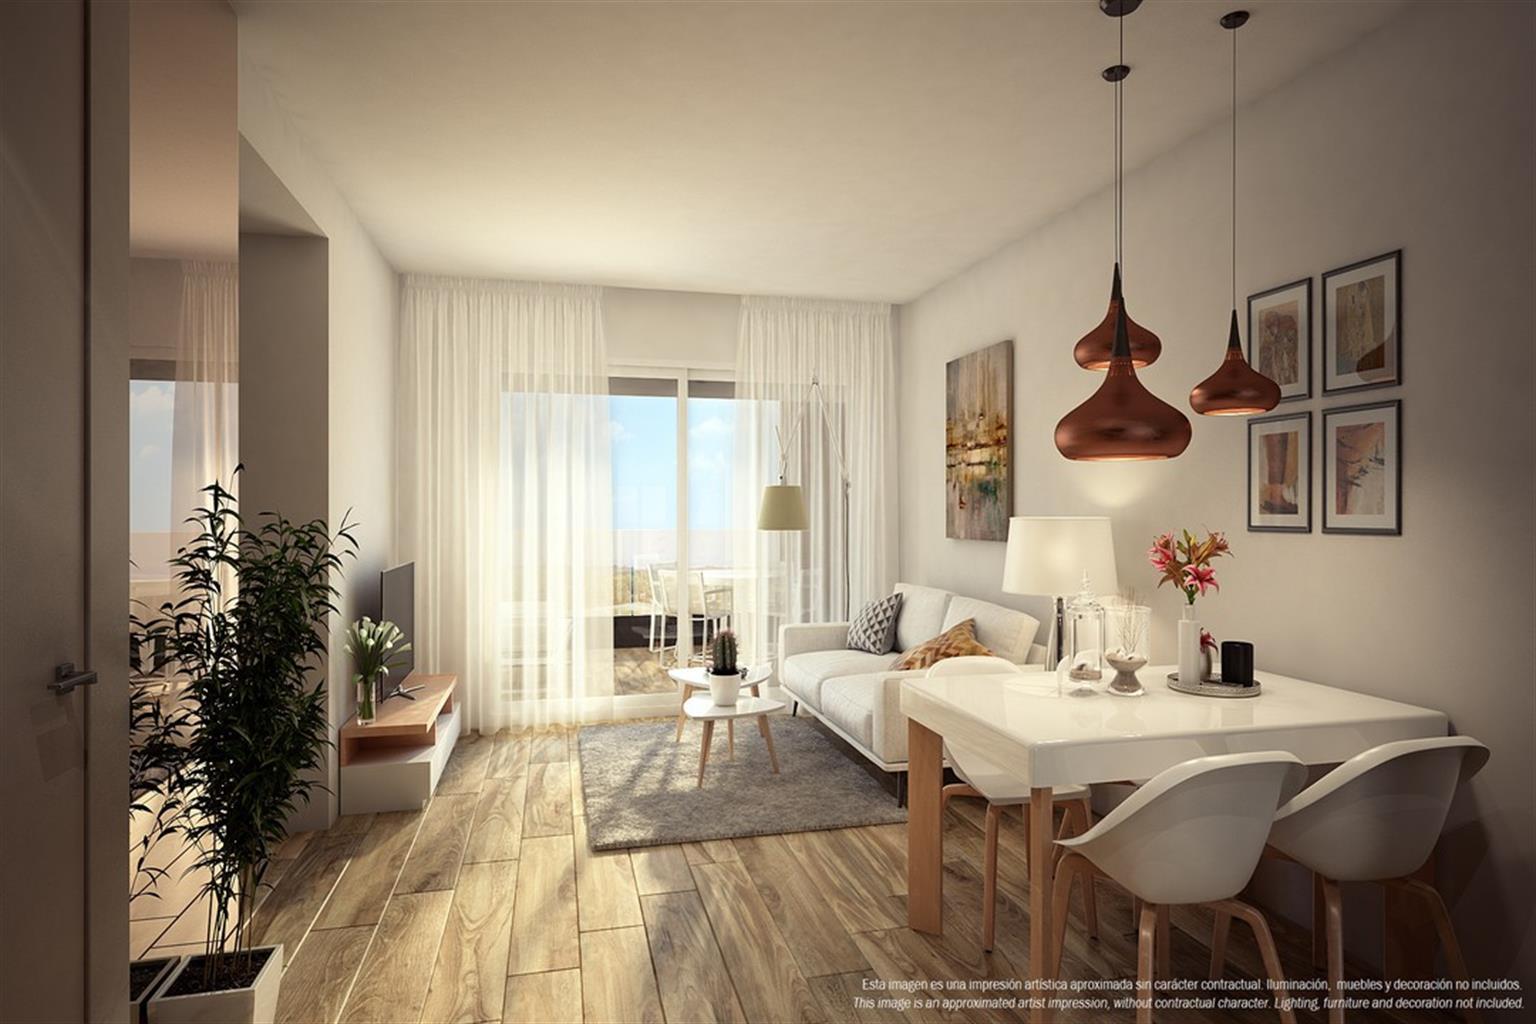 Appartement - Punta prima  - #4230209-40